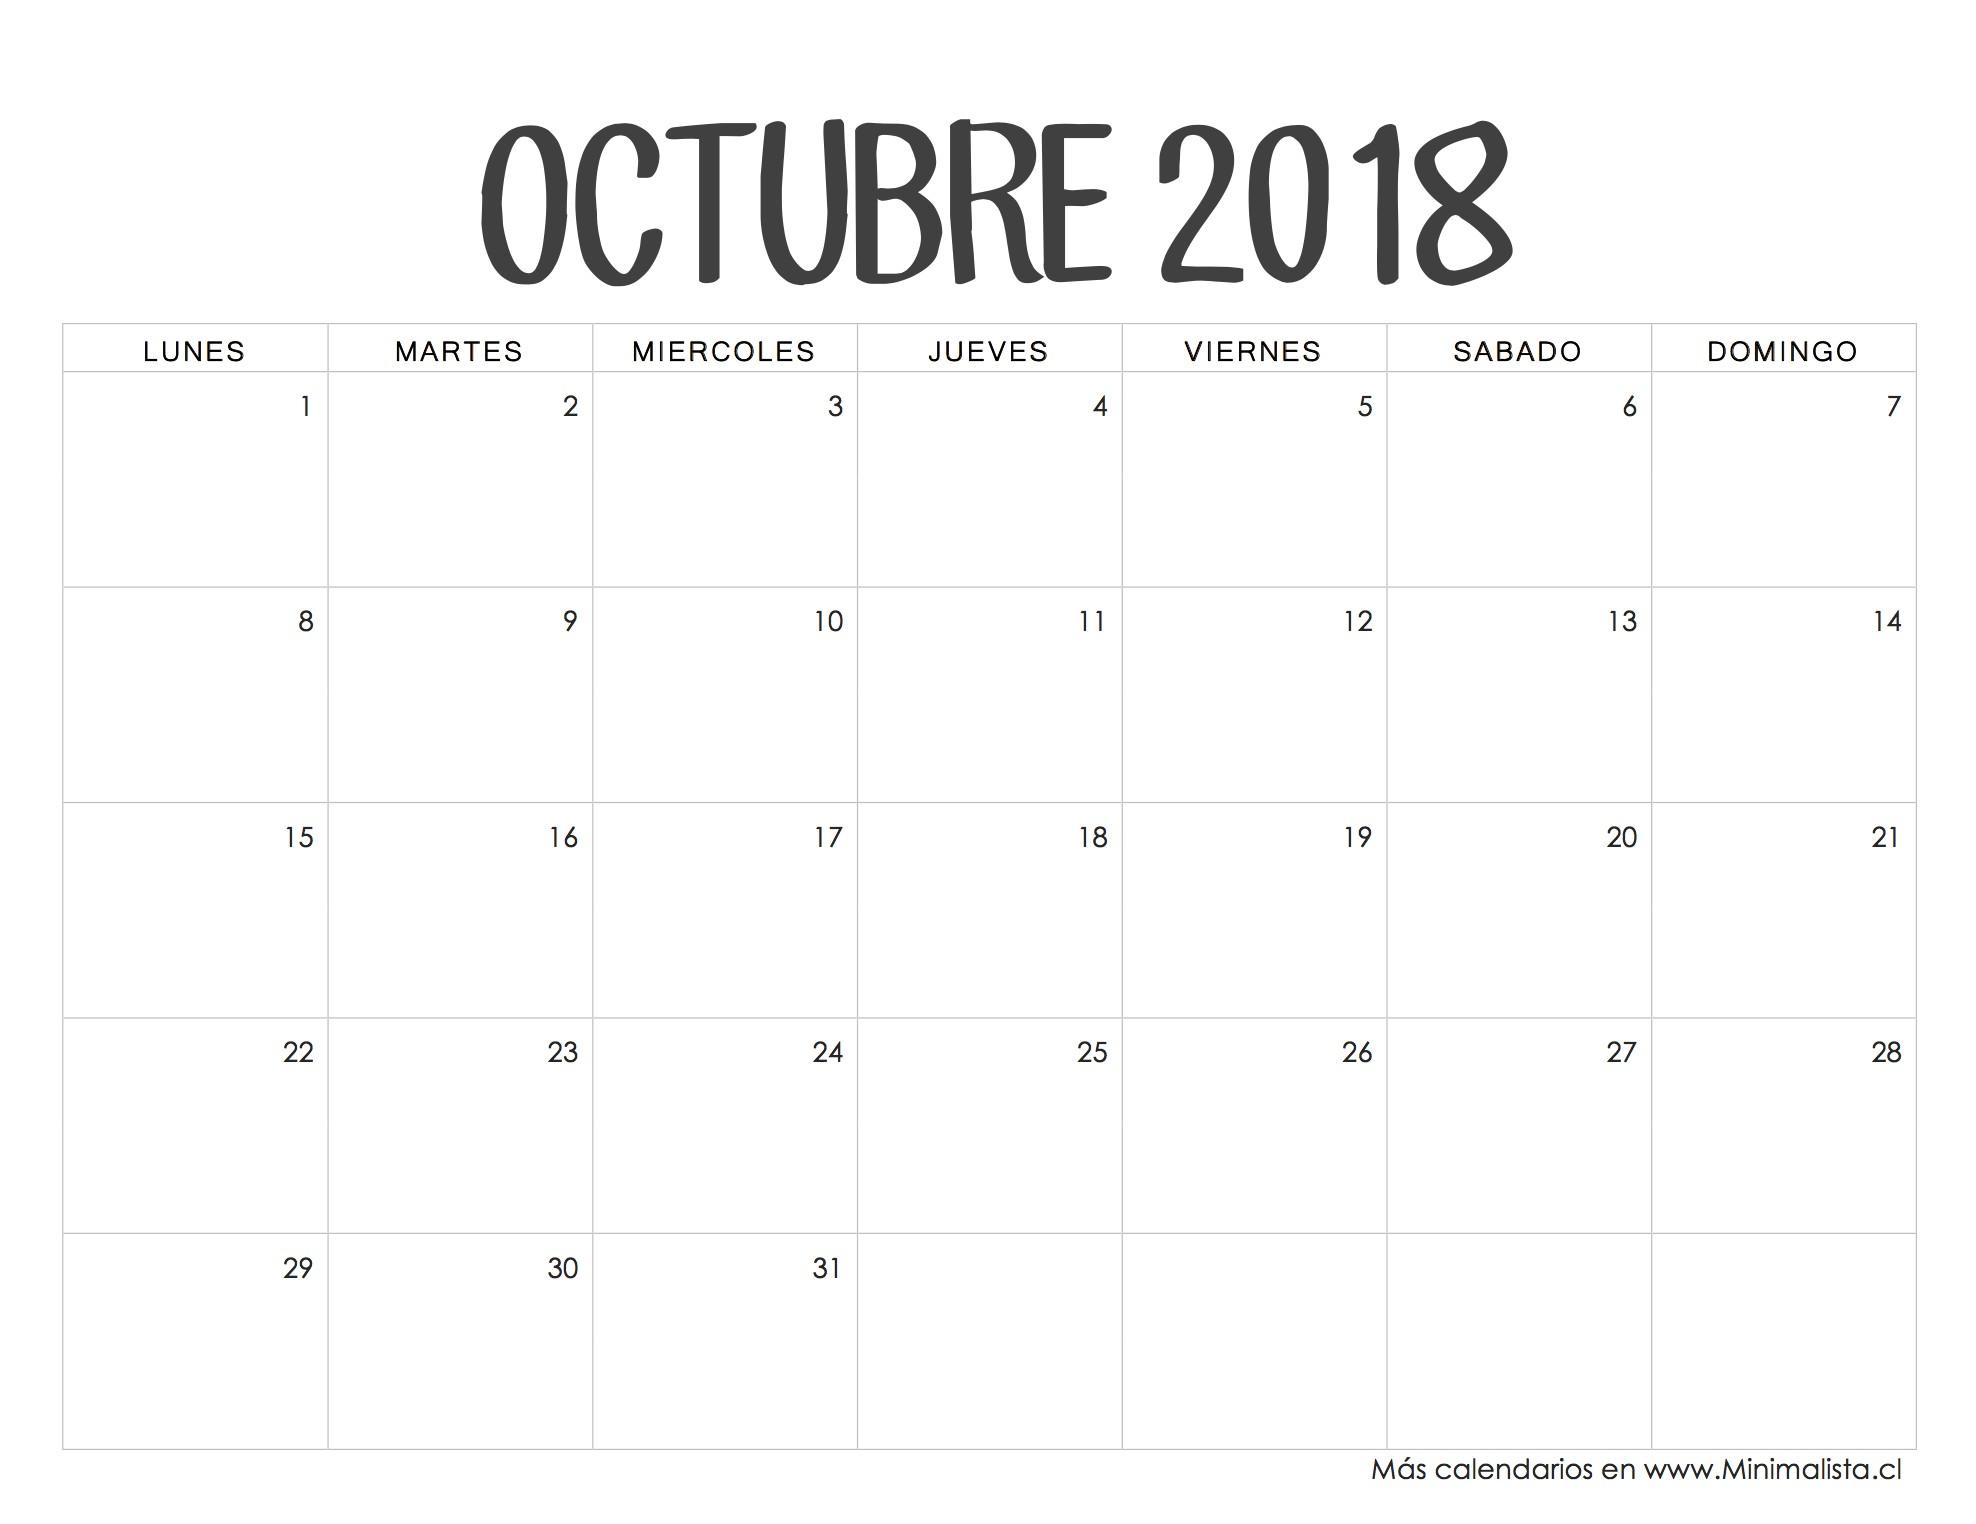 Calendario Para Imprimir Octubre 2019 Argentina Más Arriba-a-fecha Resultado De Imagen Para Calendario Octubre 2018 Junio Of Calendario Para Imprimir Octubre 2019 Argentina Más Actual Realmente Esto Calendario 2019 En Ingles Para Imprimir